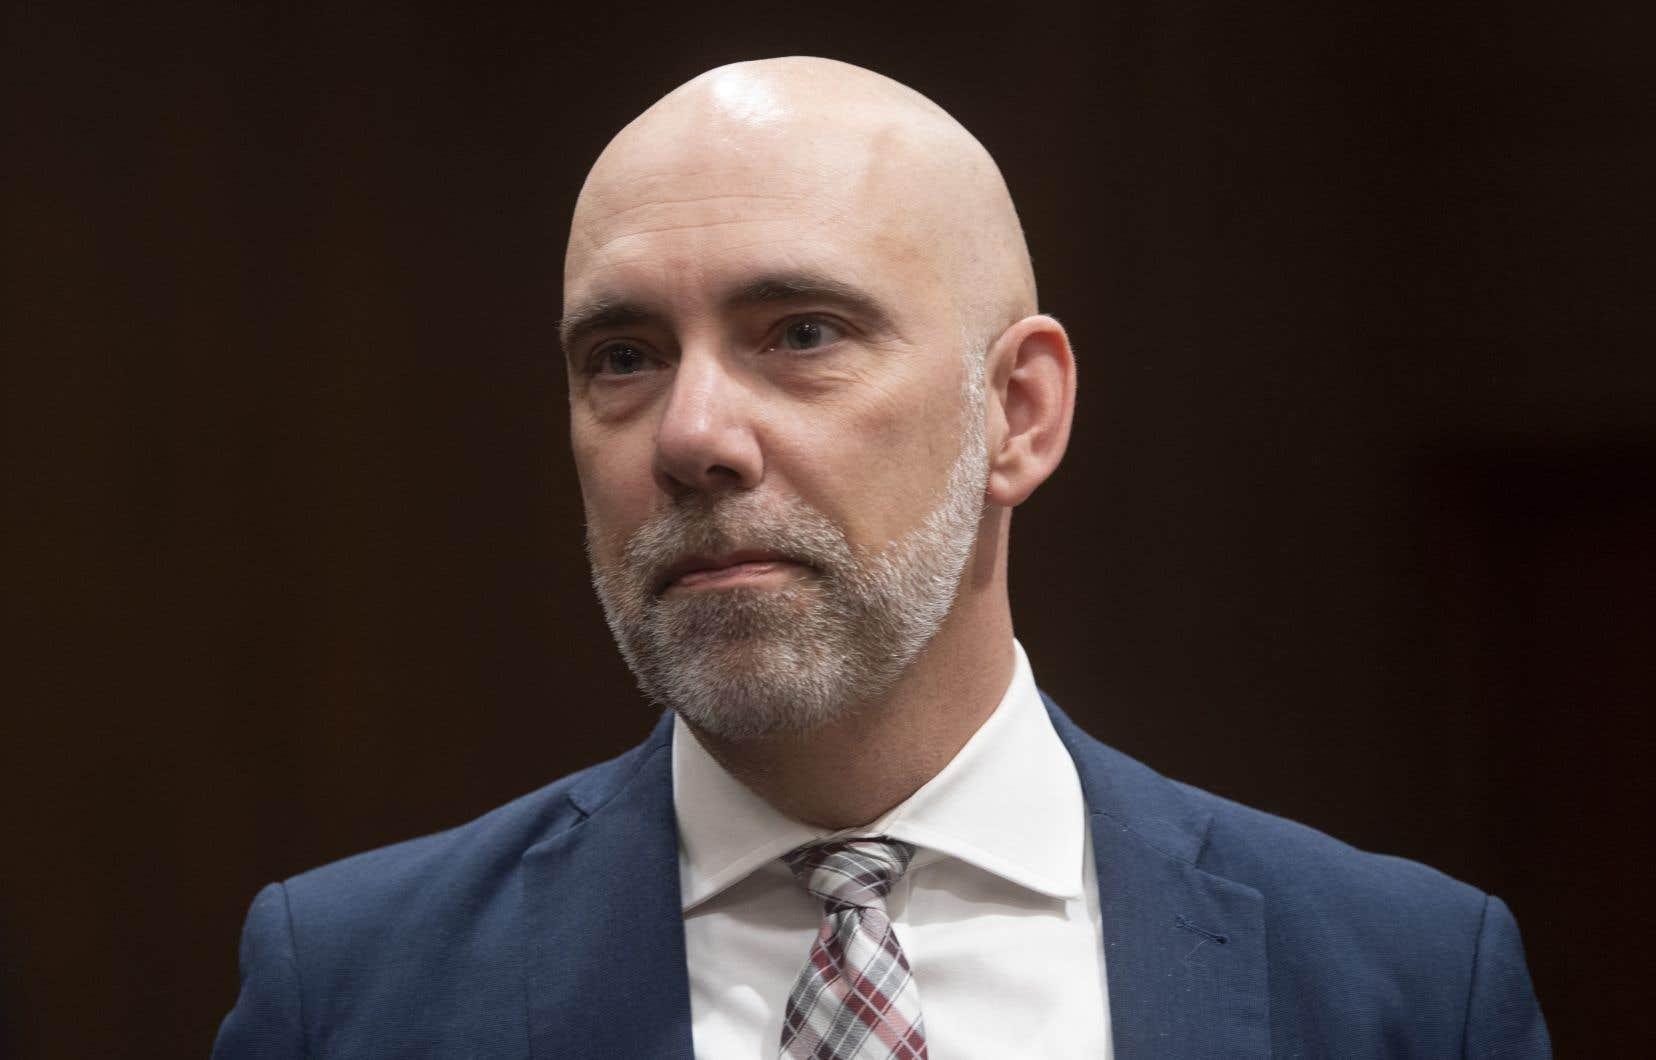 Le directeur parlementaire du budget, Yves Giroux, s'attendait à ce que les chiffres augmentent parce que les estimations précédentes étaient manifestement trop faibles, mais l'ampleur de cette augmentation était étonnante.